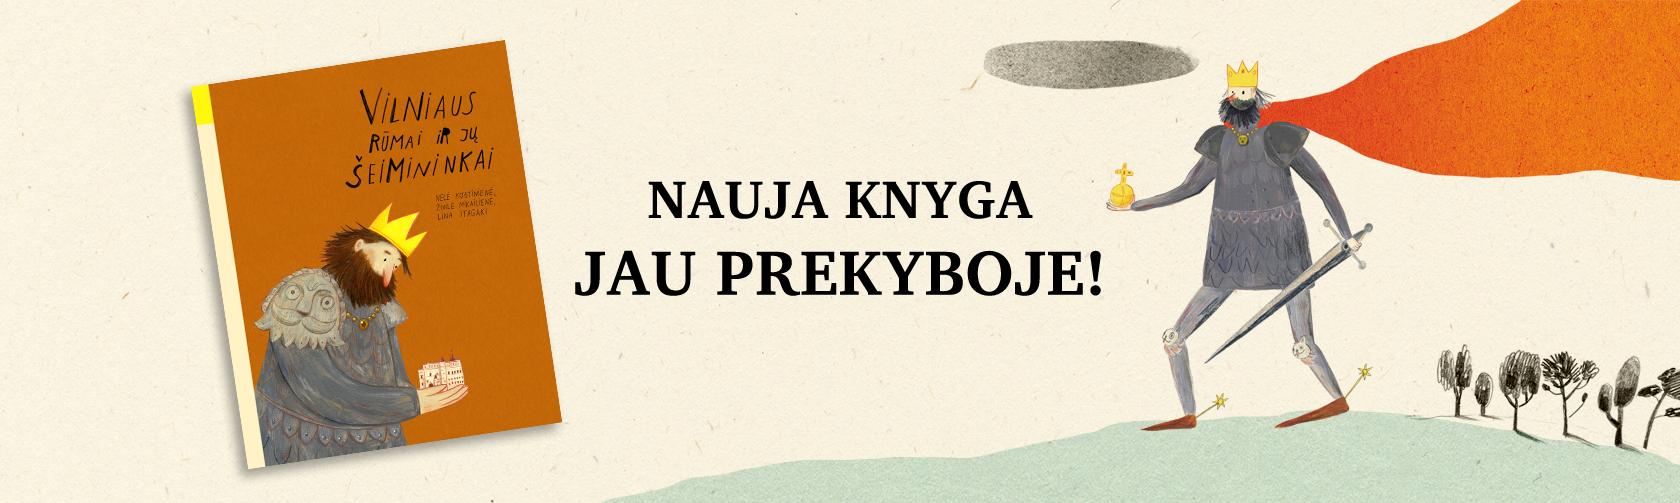 Vilniaus rūmai ir jų šeimininkai baneris_PREKYBOJE